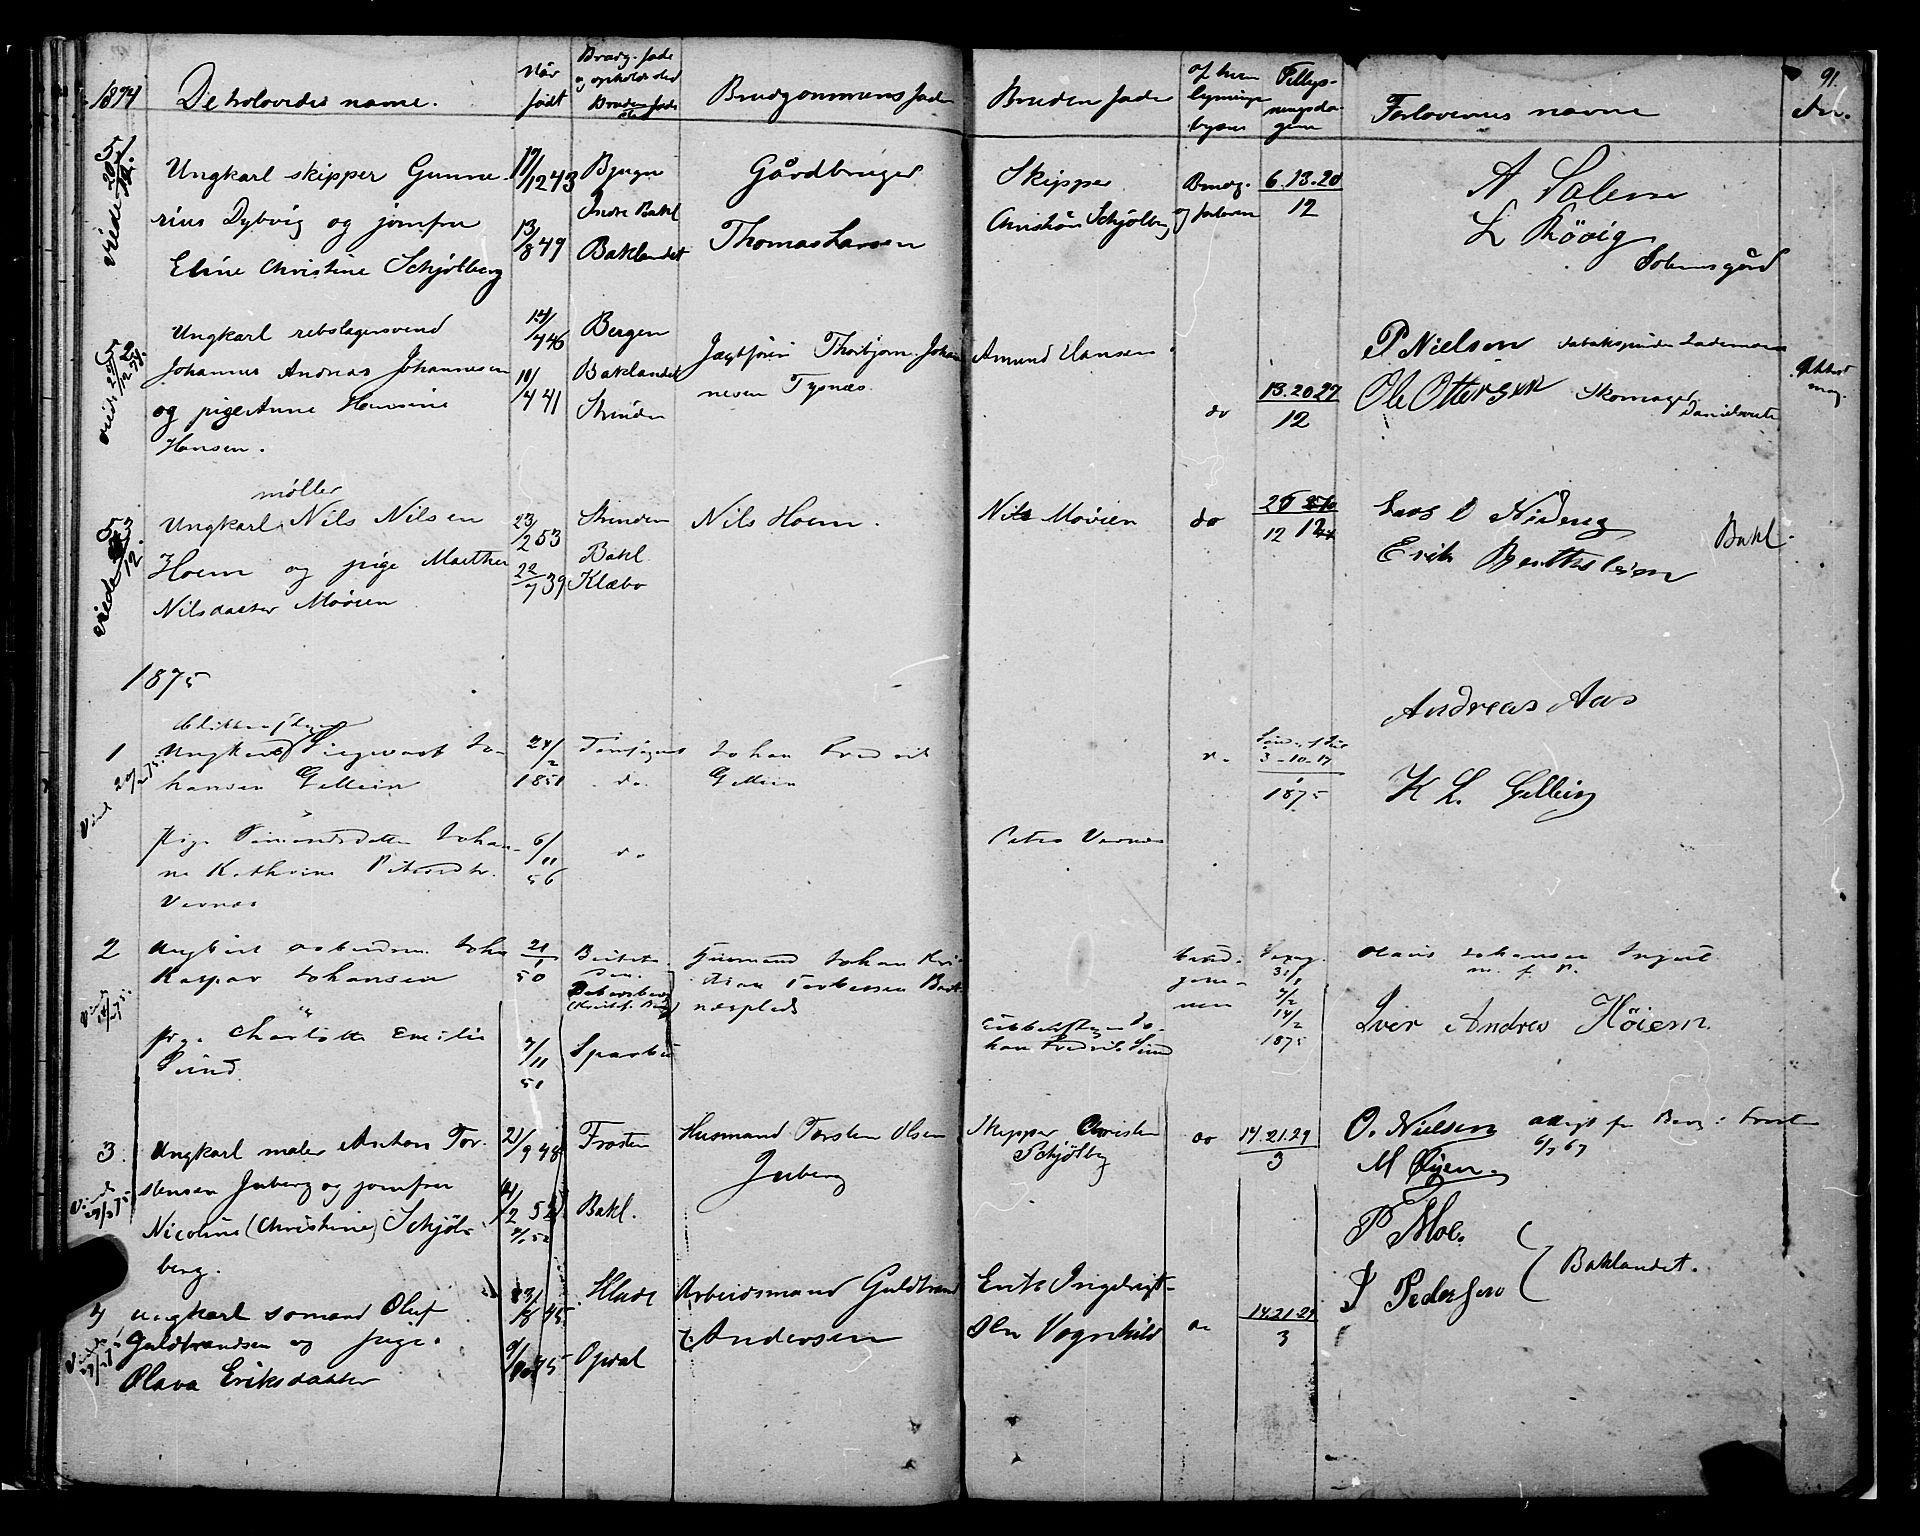 SAT, Ministerialprotokoller, klokkerbøker og fødselsregistre - Sør-Trøndelag, 604/L0187: Ministerialbok nr. 604A08, 1847-1878, s. 91